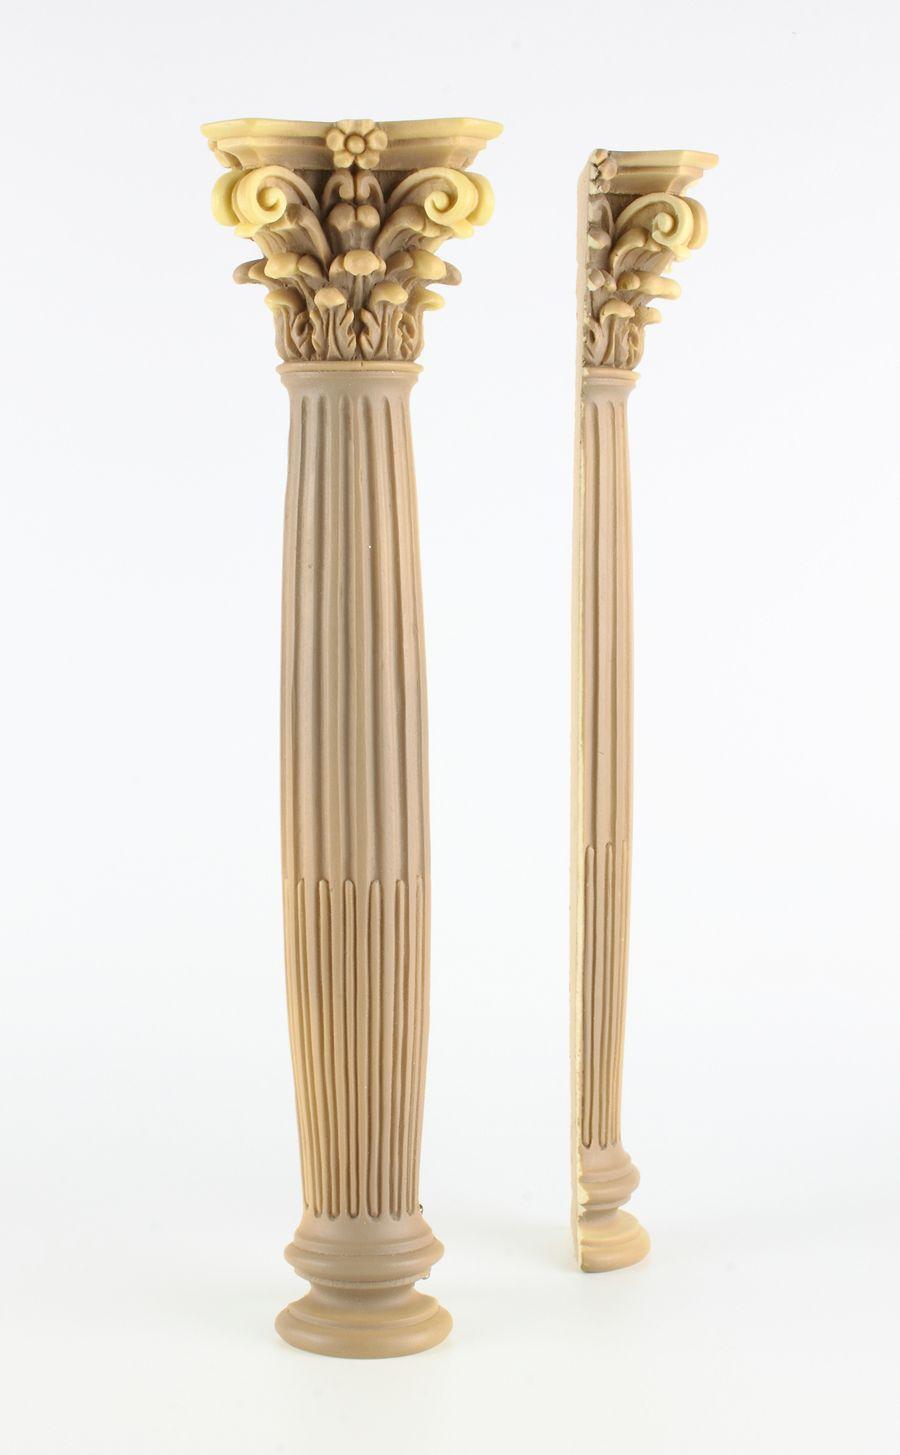 Columna Corintia Adosada De Resina De Poliuretano Belenes Miniaturas Maquetas Columnas Romanas Escaleras De Madera Interiores Diseno De Muros